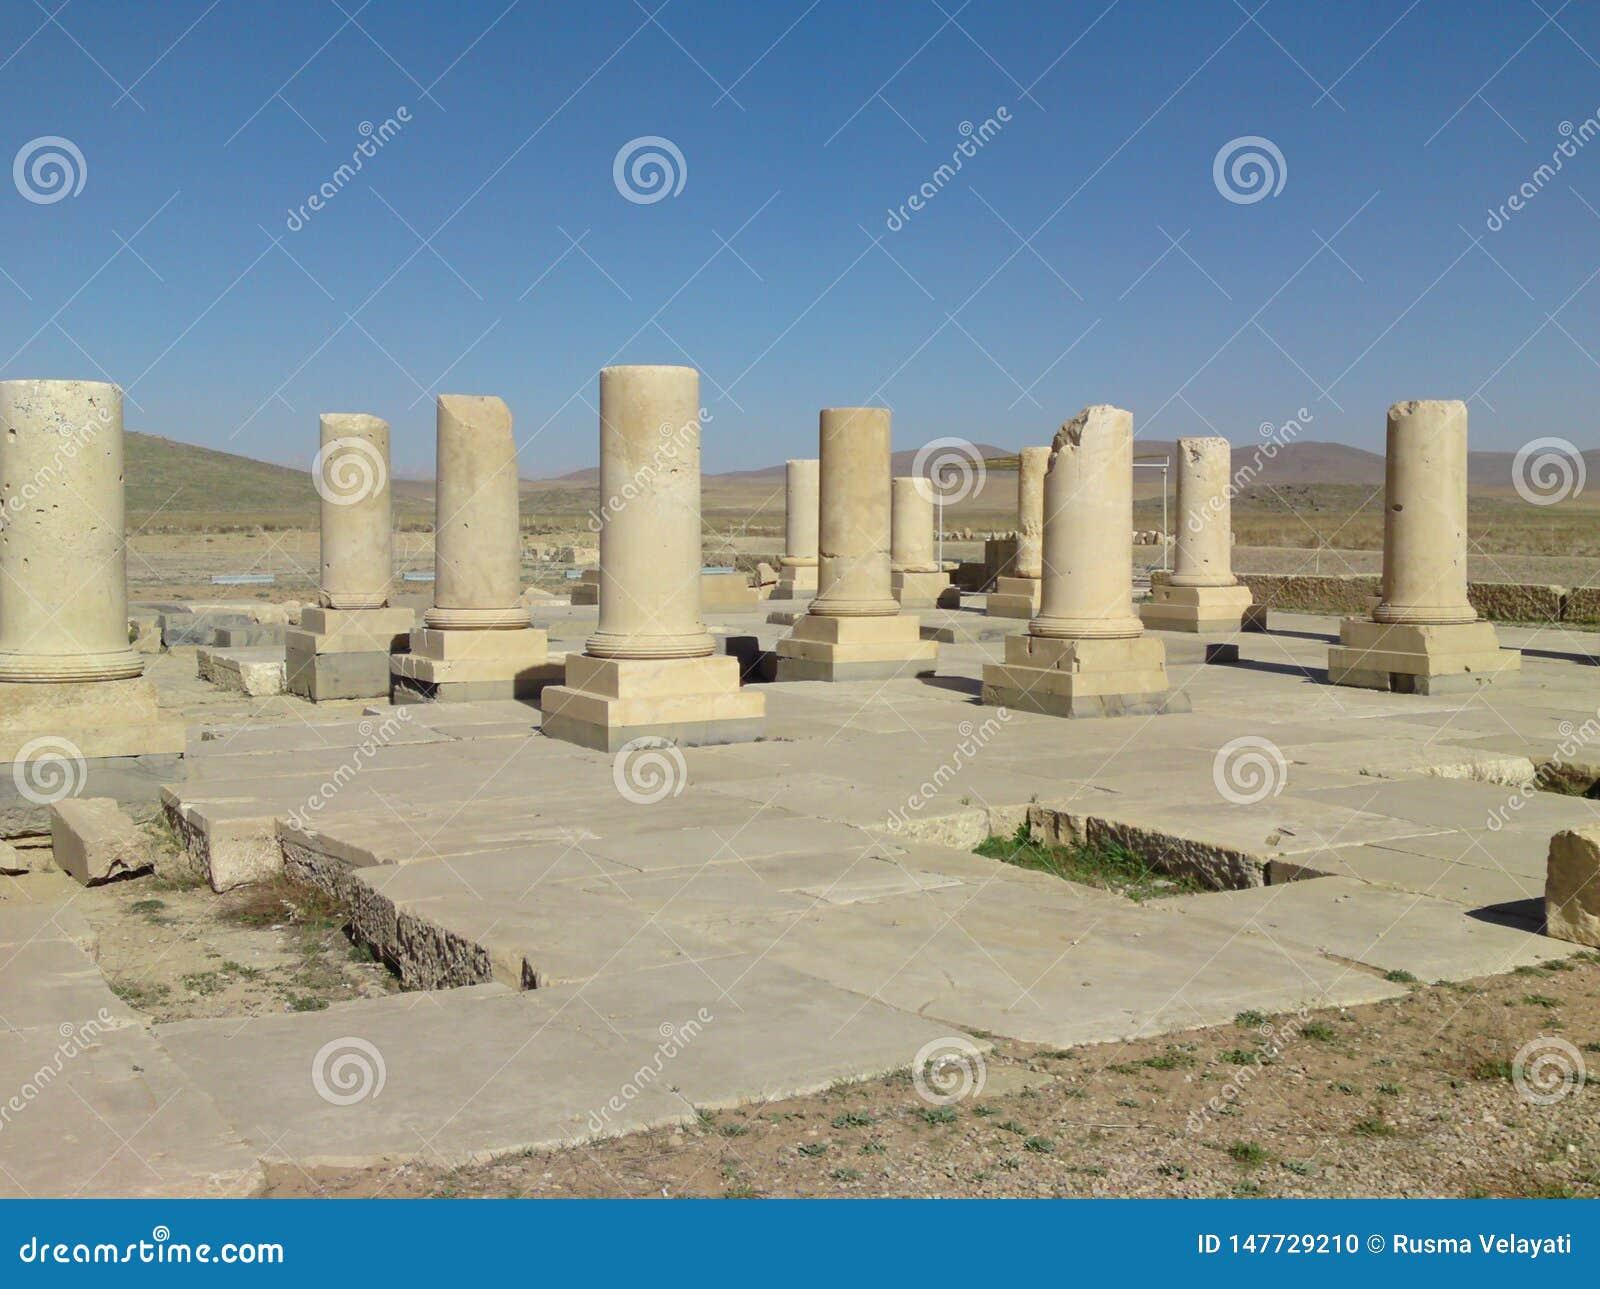 Hiraz, PERSEPOLIS, ИРАН, губит церемониальной столицы персидской империи Achaemenid империи